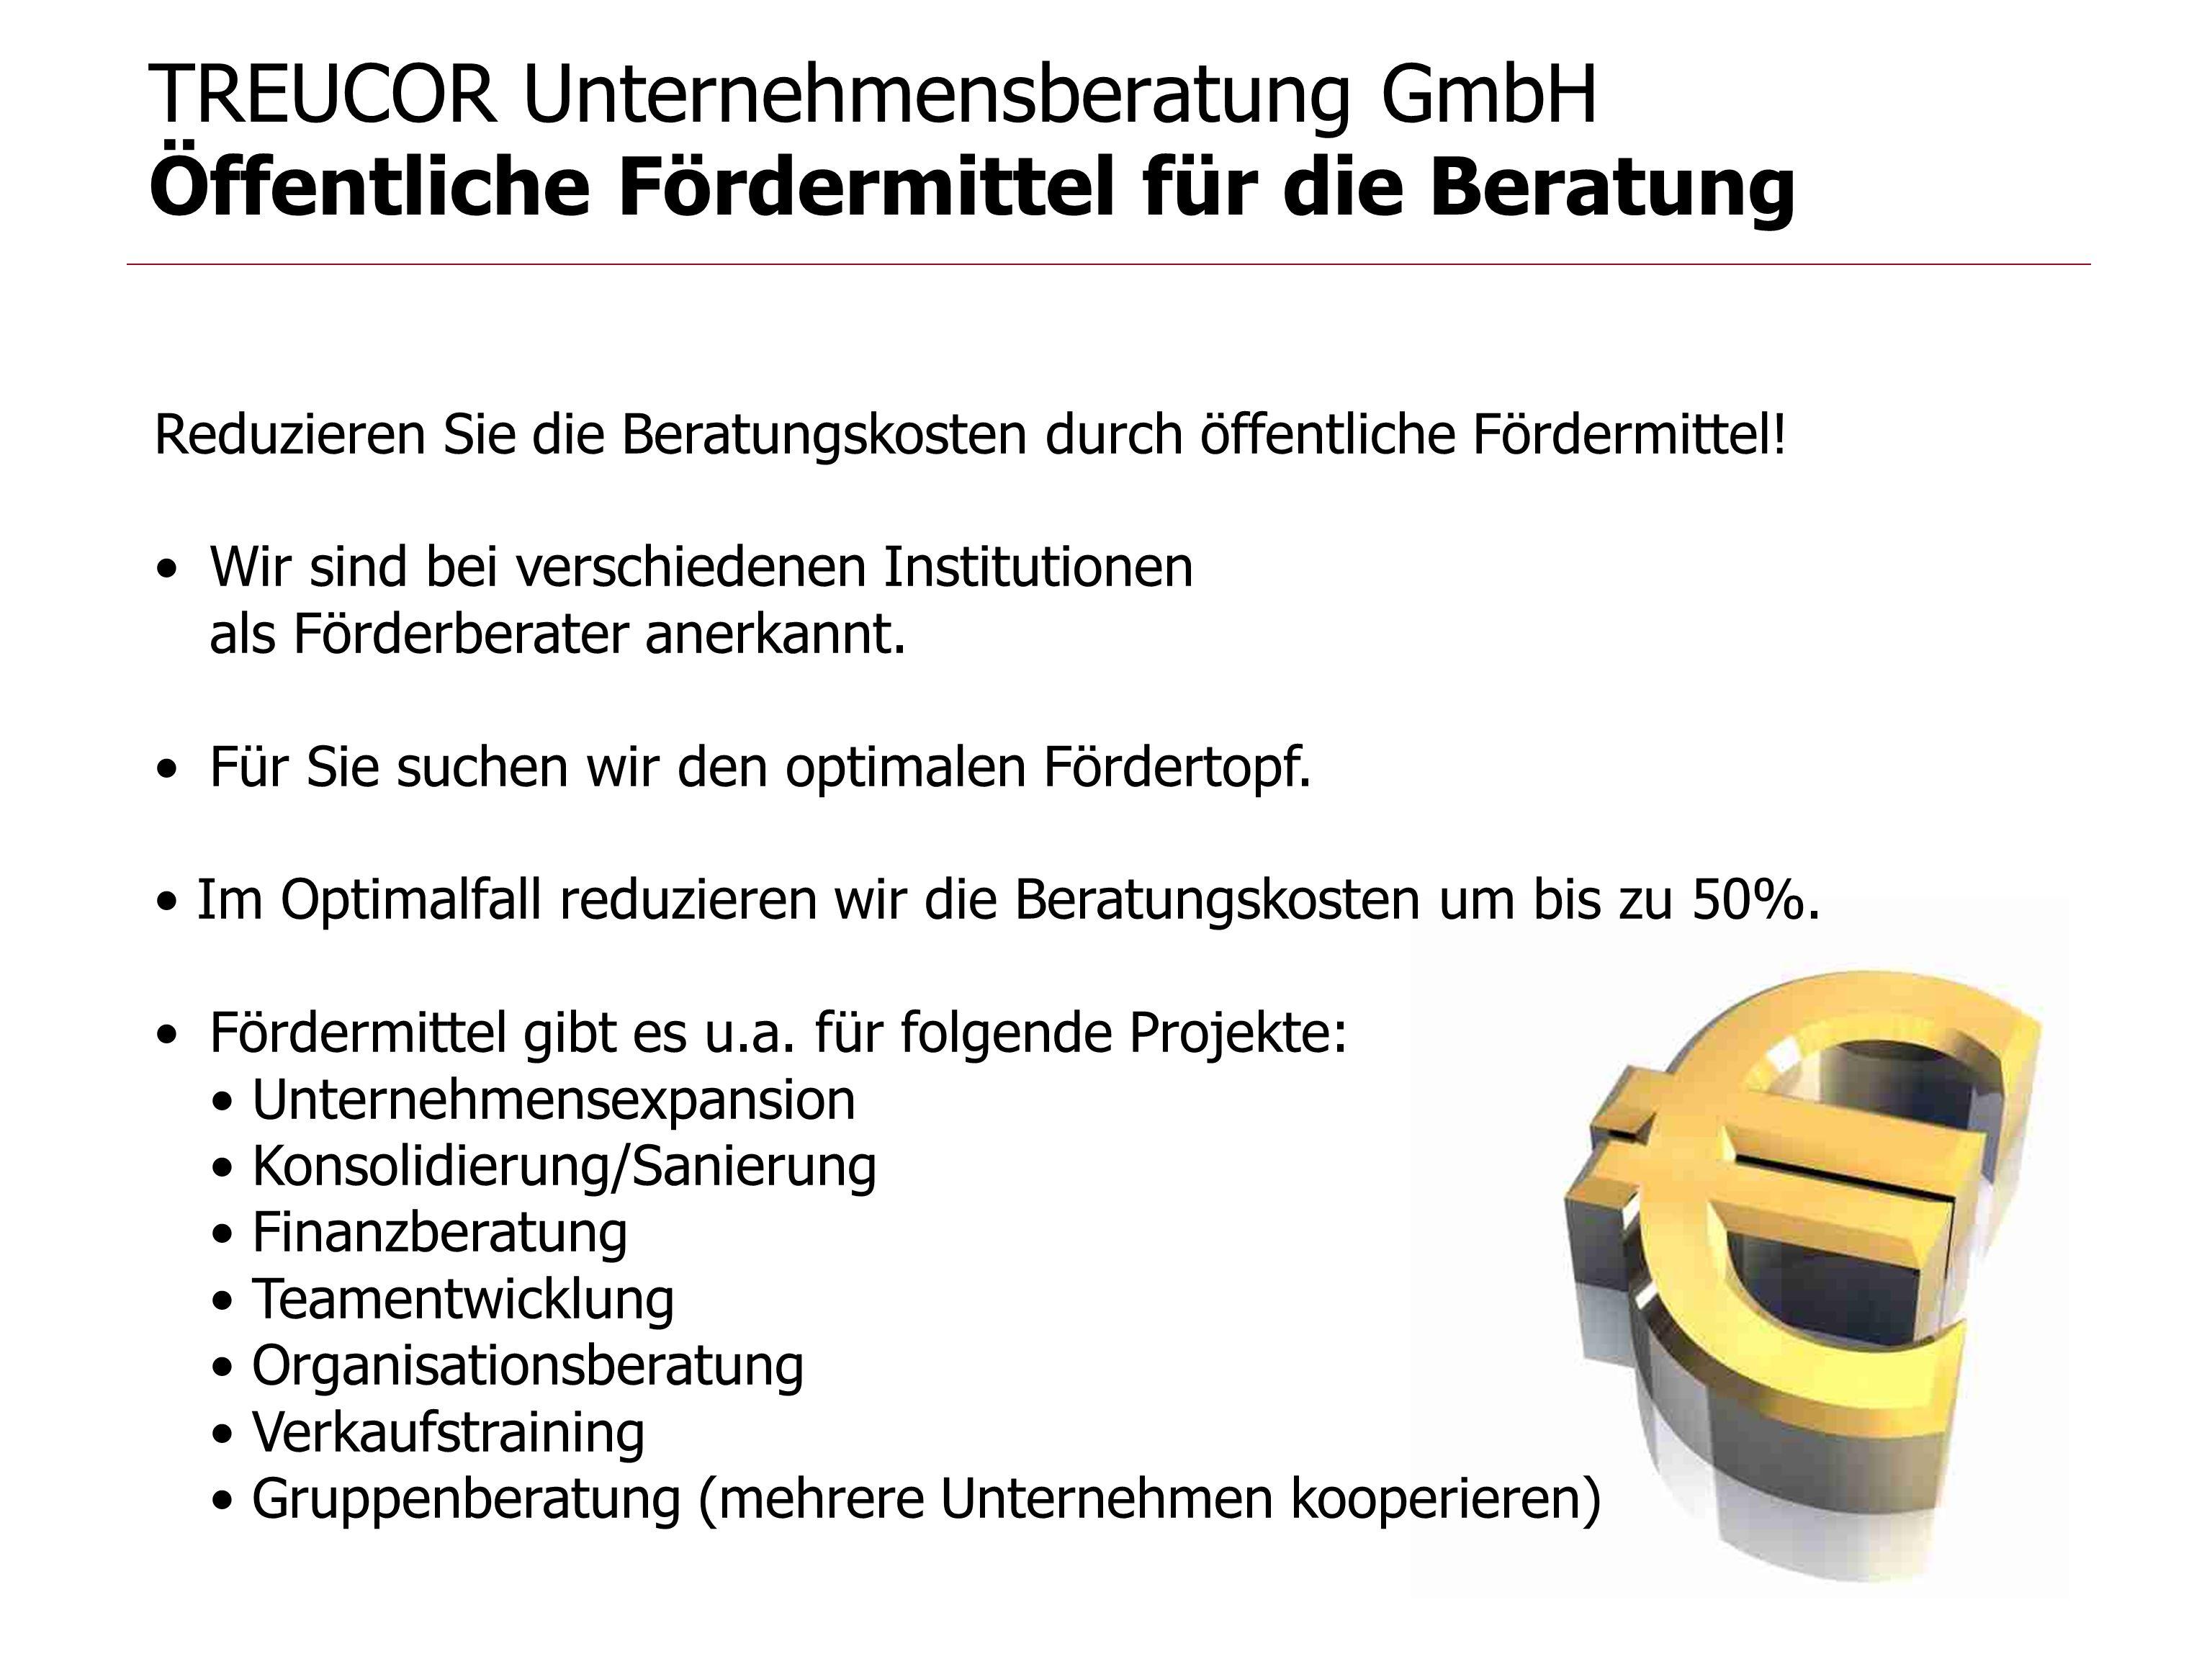 TREUCOR Unternehmensberatung GmbH Management - Erfolgsstrategien Wir unterstützen Führungs-Kräfte.